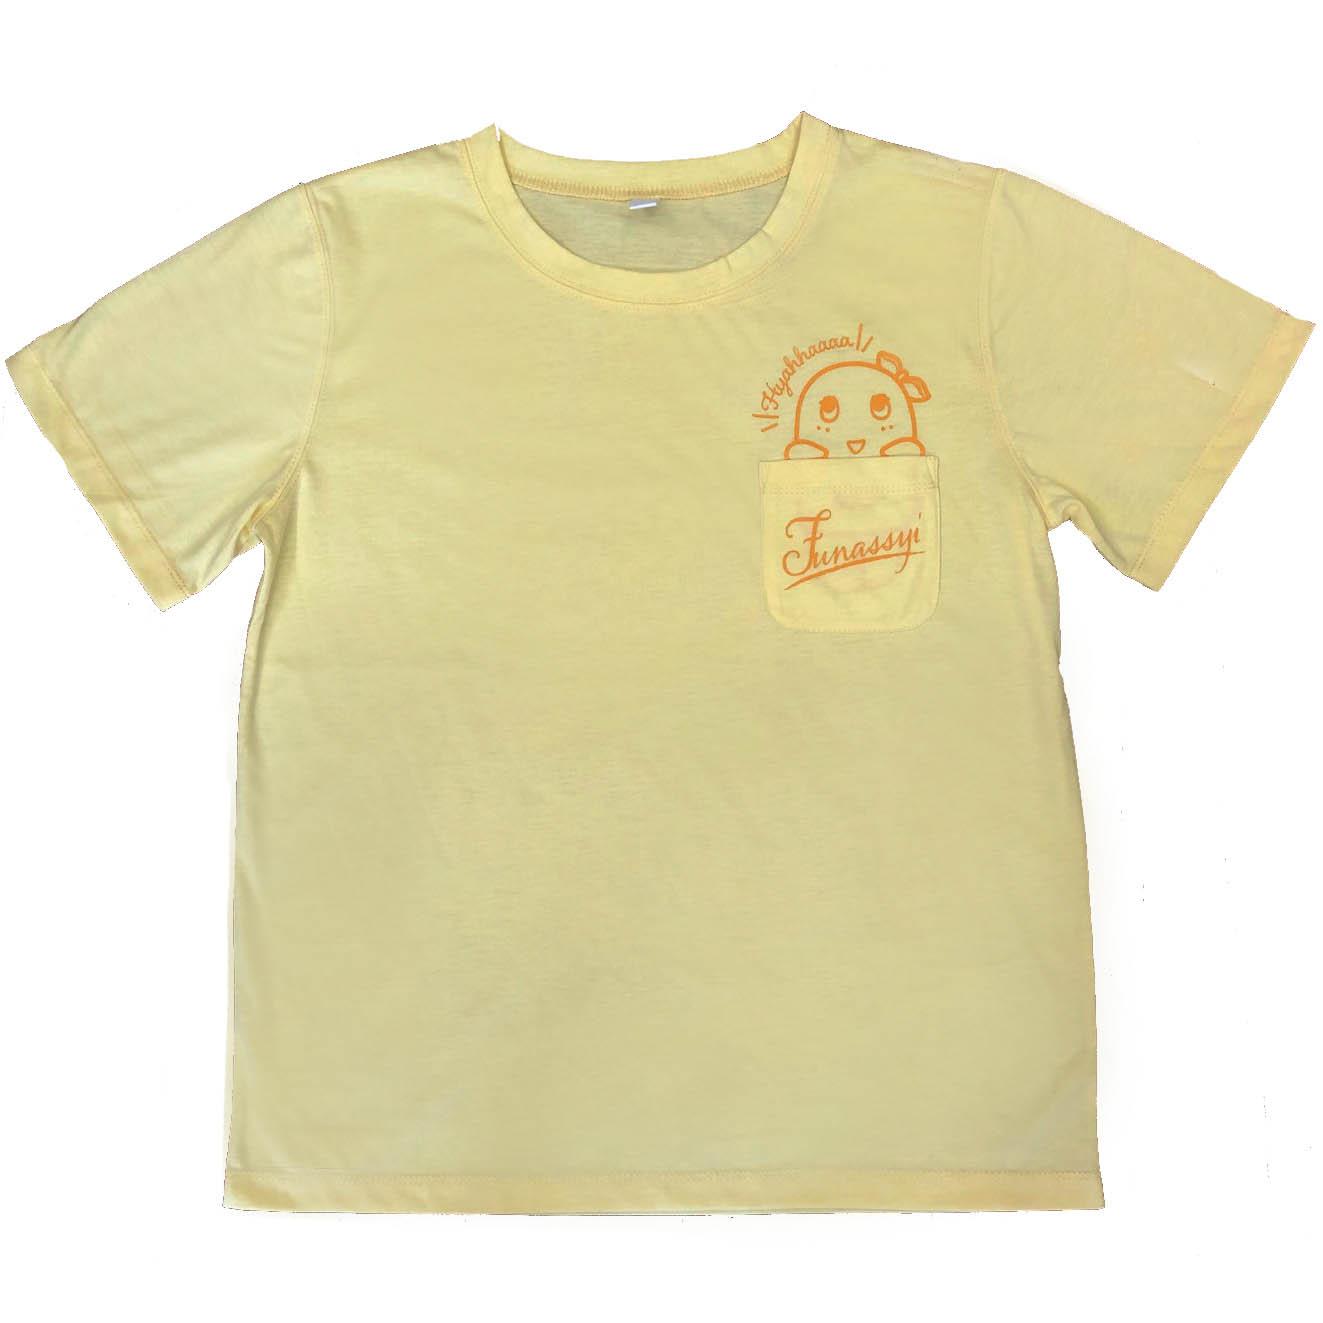 ポケットTシャツ_ふなっしー (イエロー)